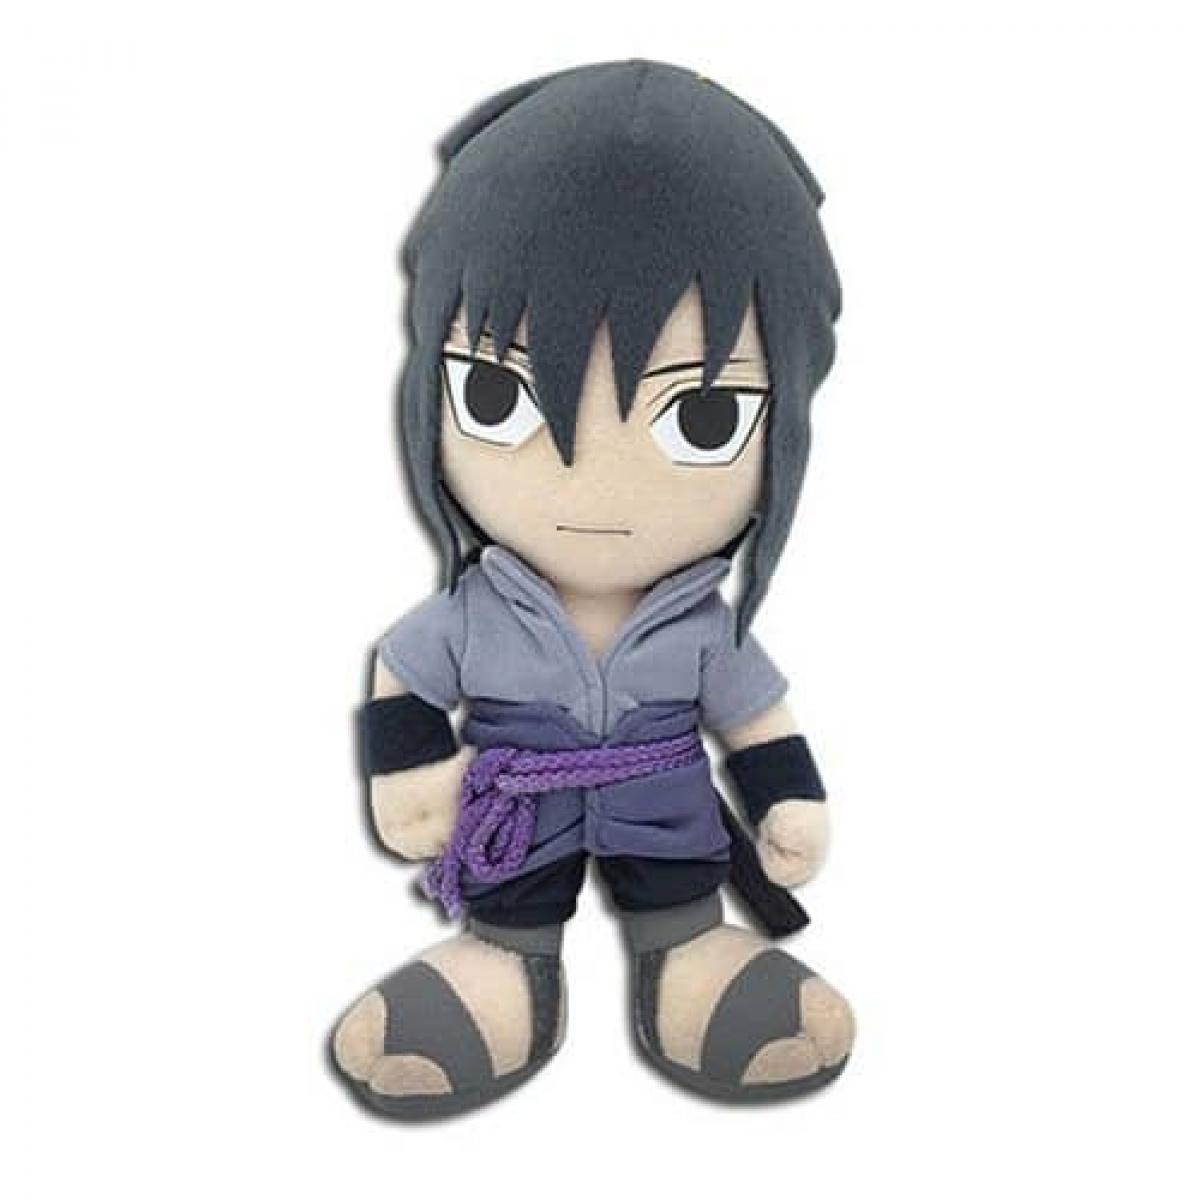 Naruto Shippuden Sasuke 8″ Plush Anime Plushies 4